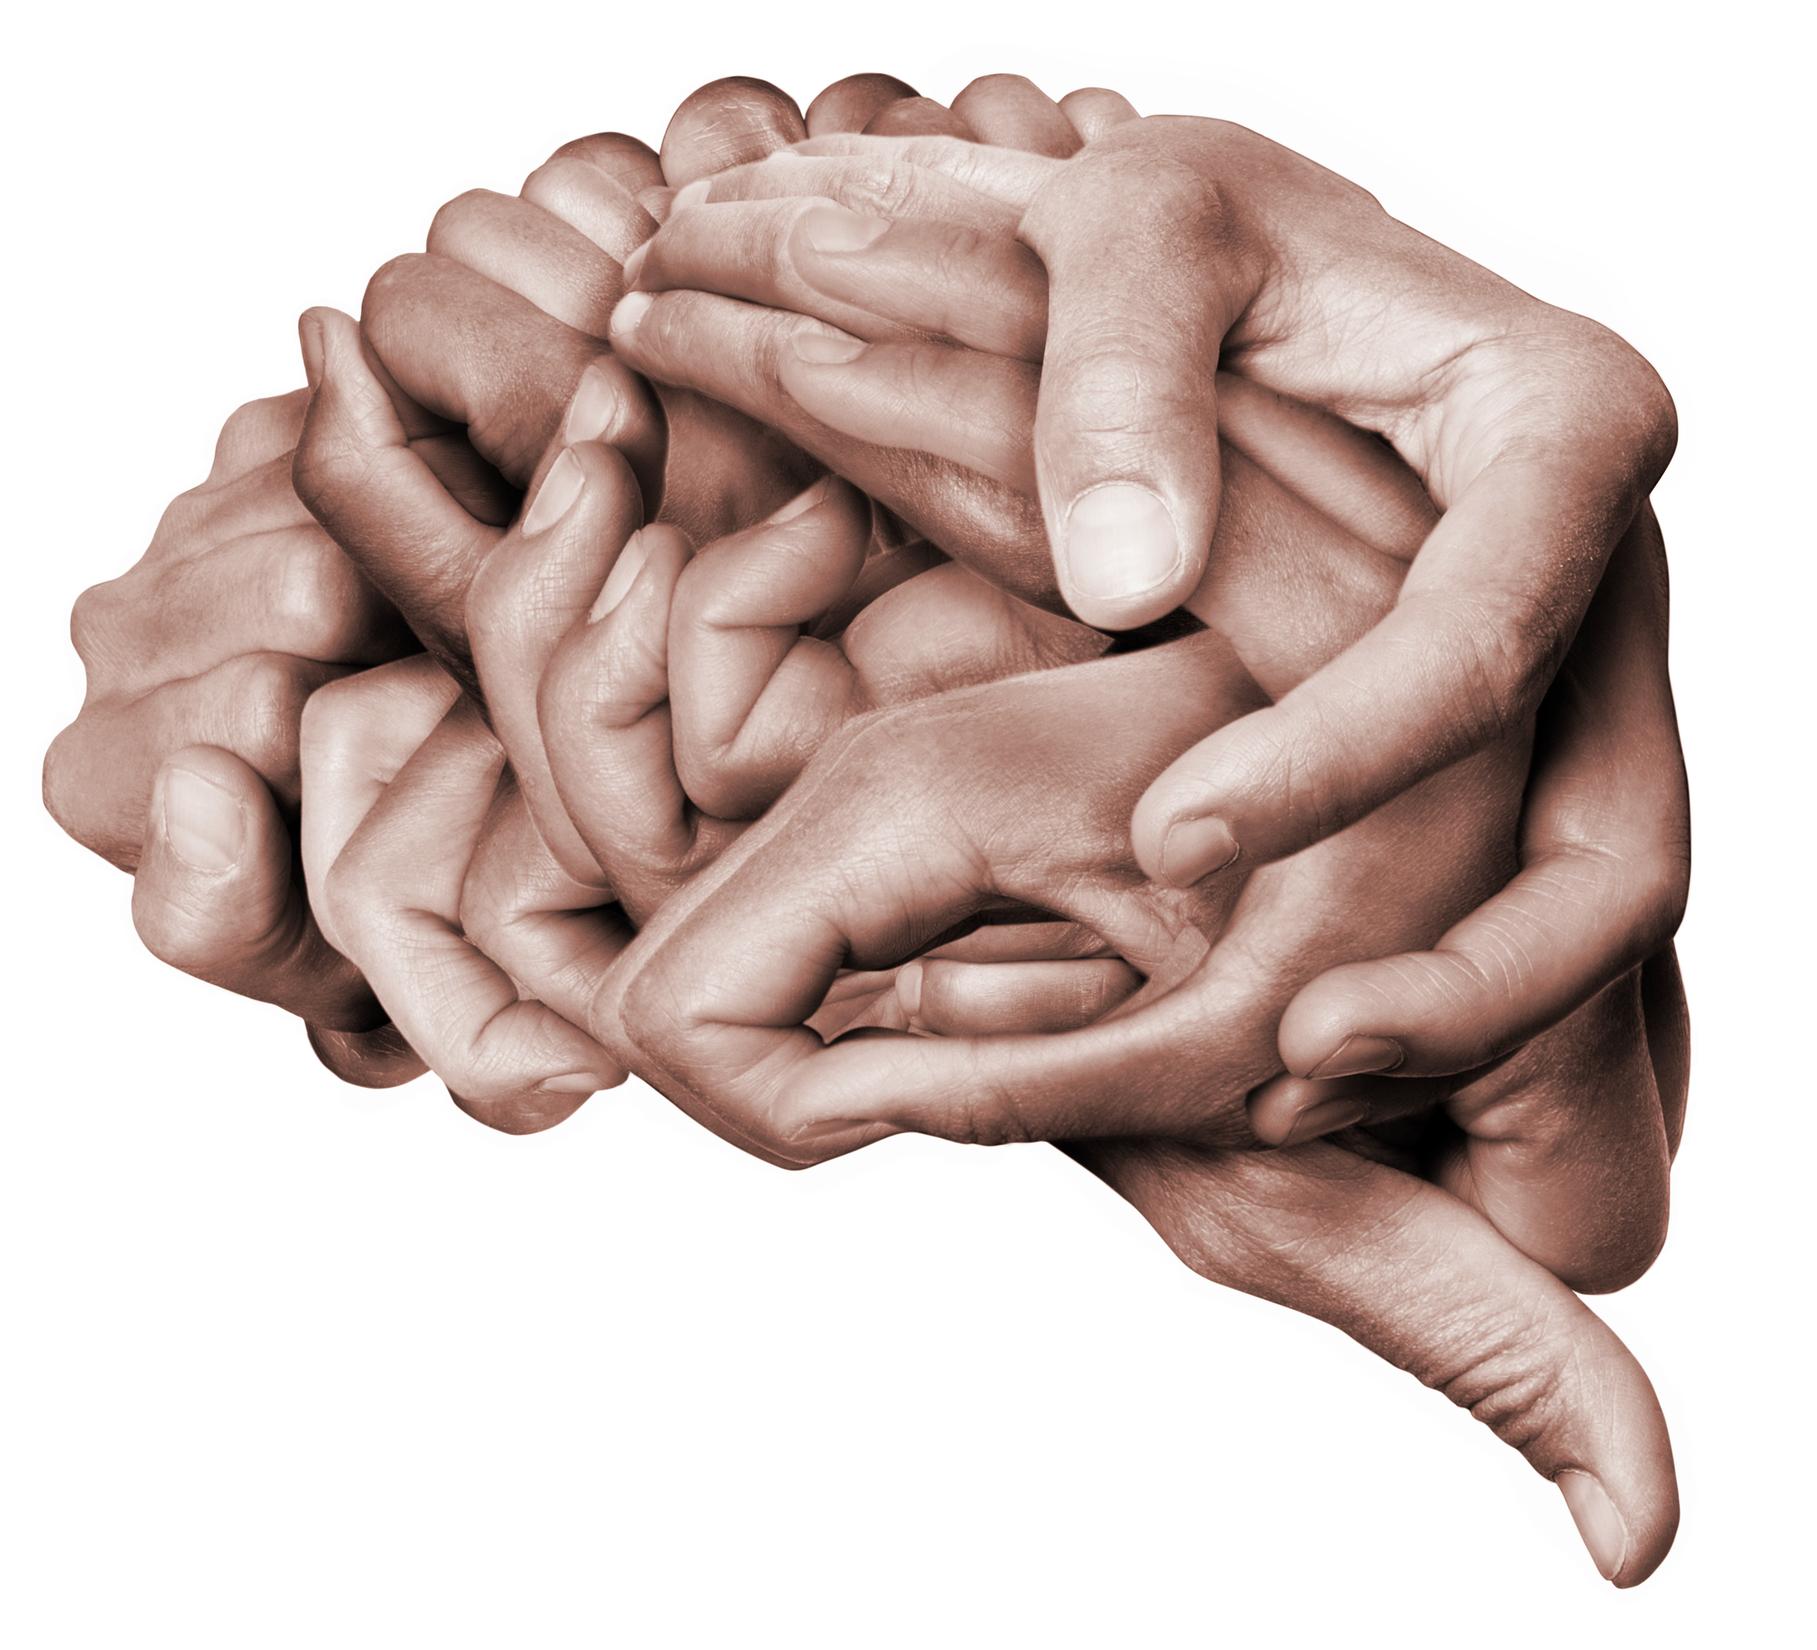 hjärnsmart organisation